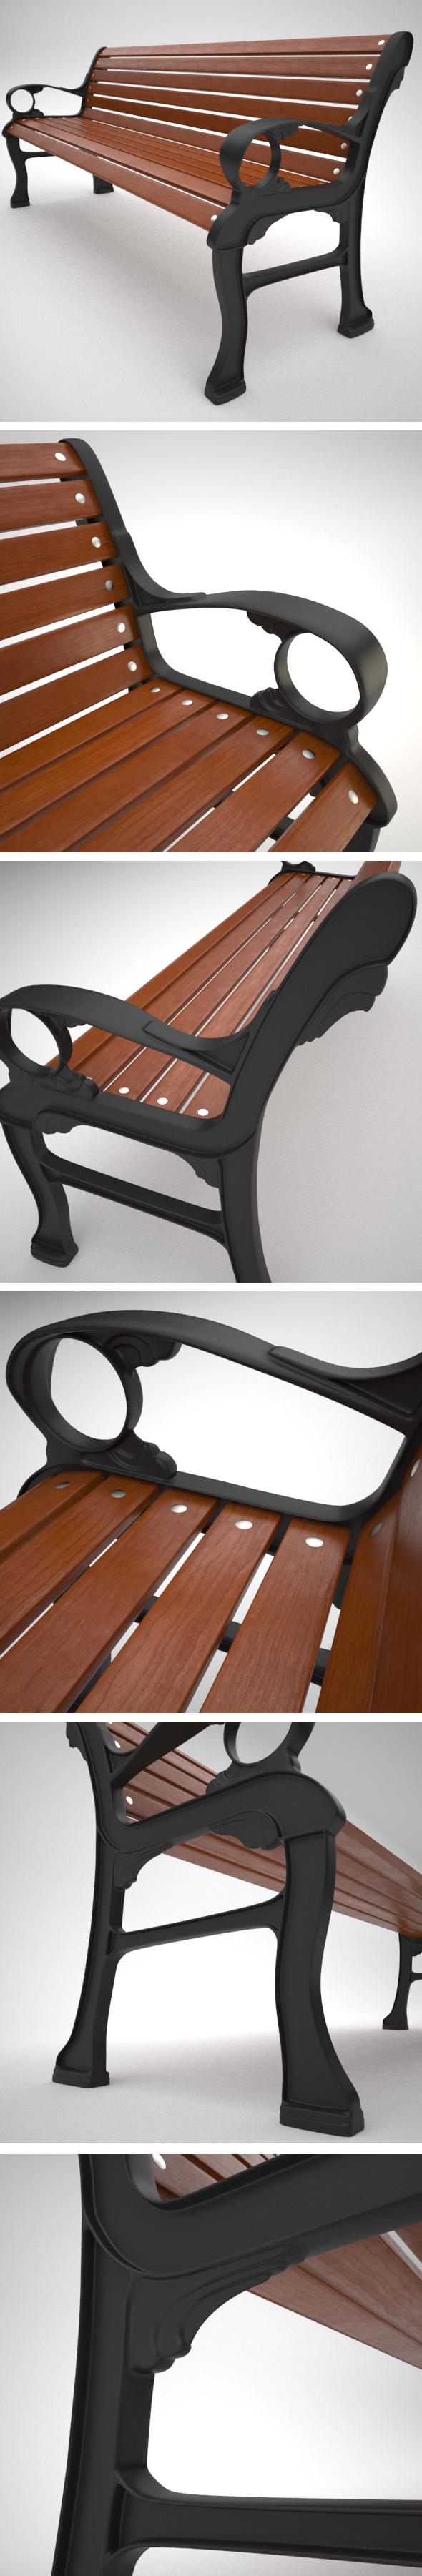 3DOcean Exterior Wood Bench 5606970